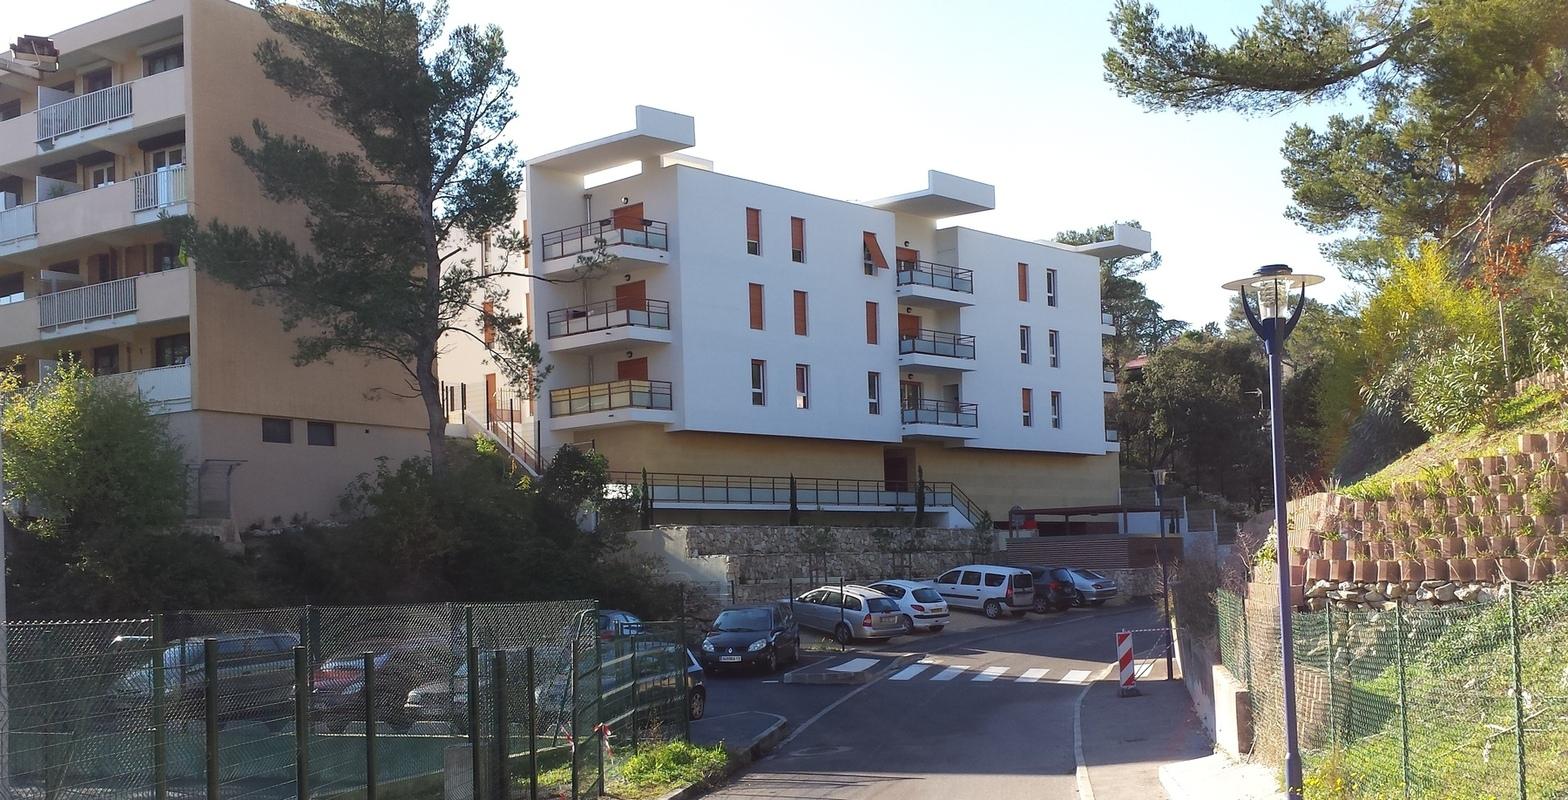 Architecte Marseille - Agence Elbaz Architecture à Marseille (13007) - De large casquettes en porte-à-faux terminent le bâtiment, et protègent les larges terrasses des logements. Elles sont la signature du bâtiment à l'échelle du lointain, et étonnent les passants qui lèvent la tête, par leur blancheur découpant le ciel.